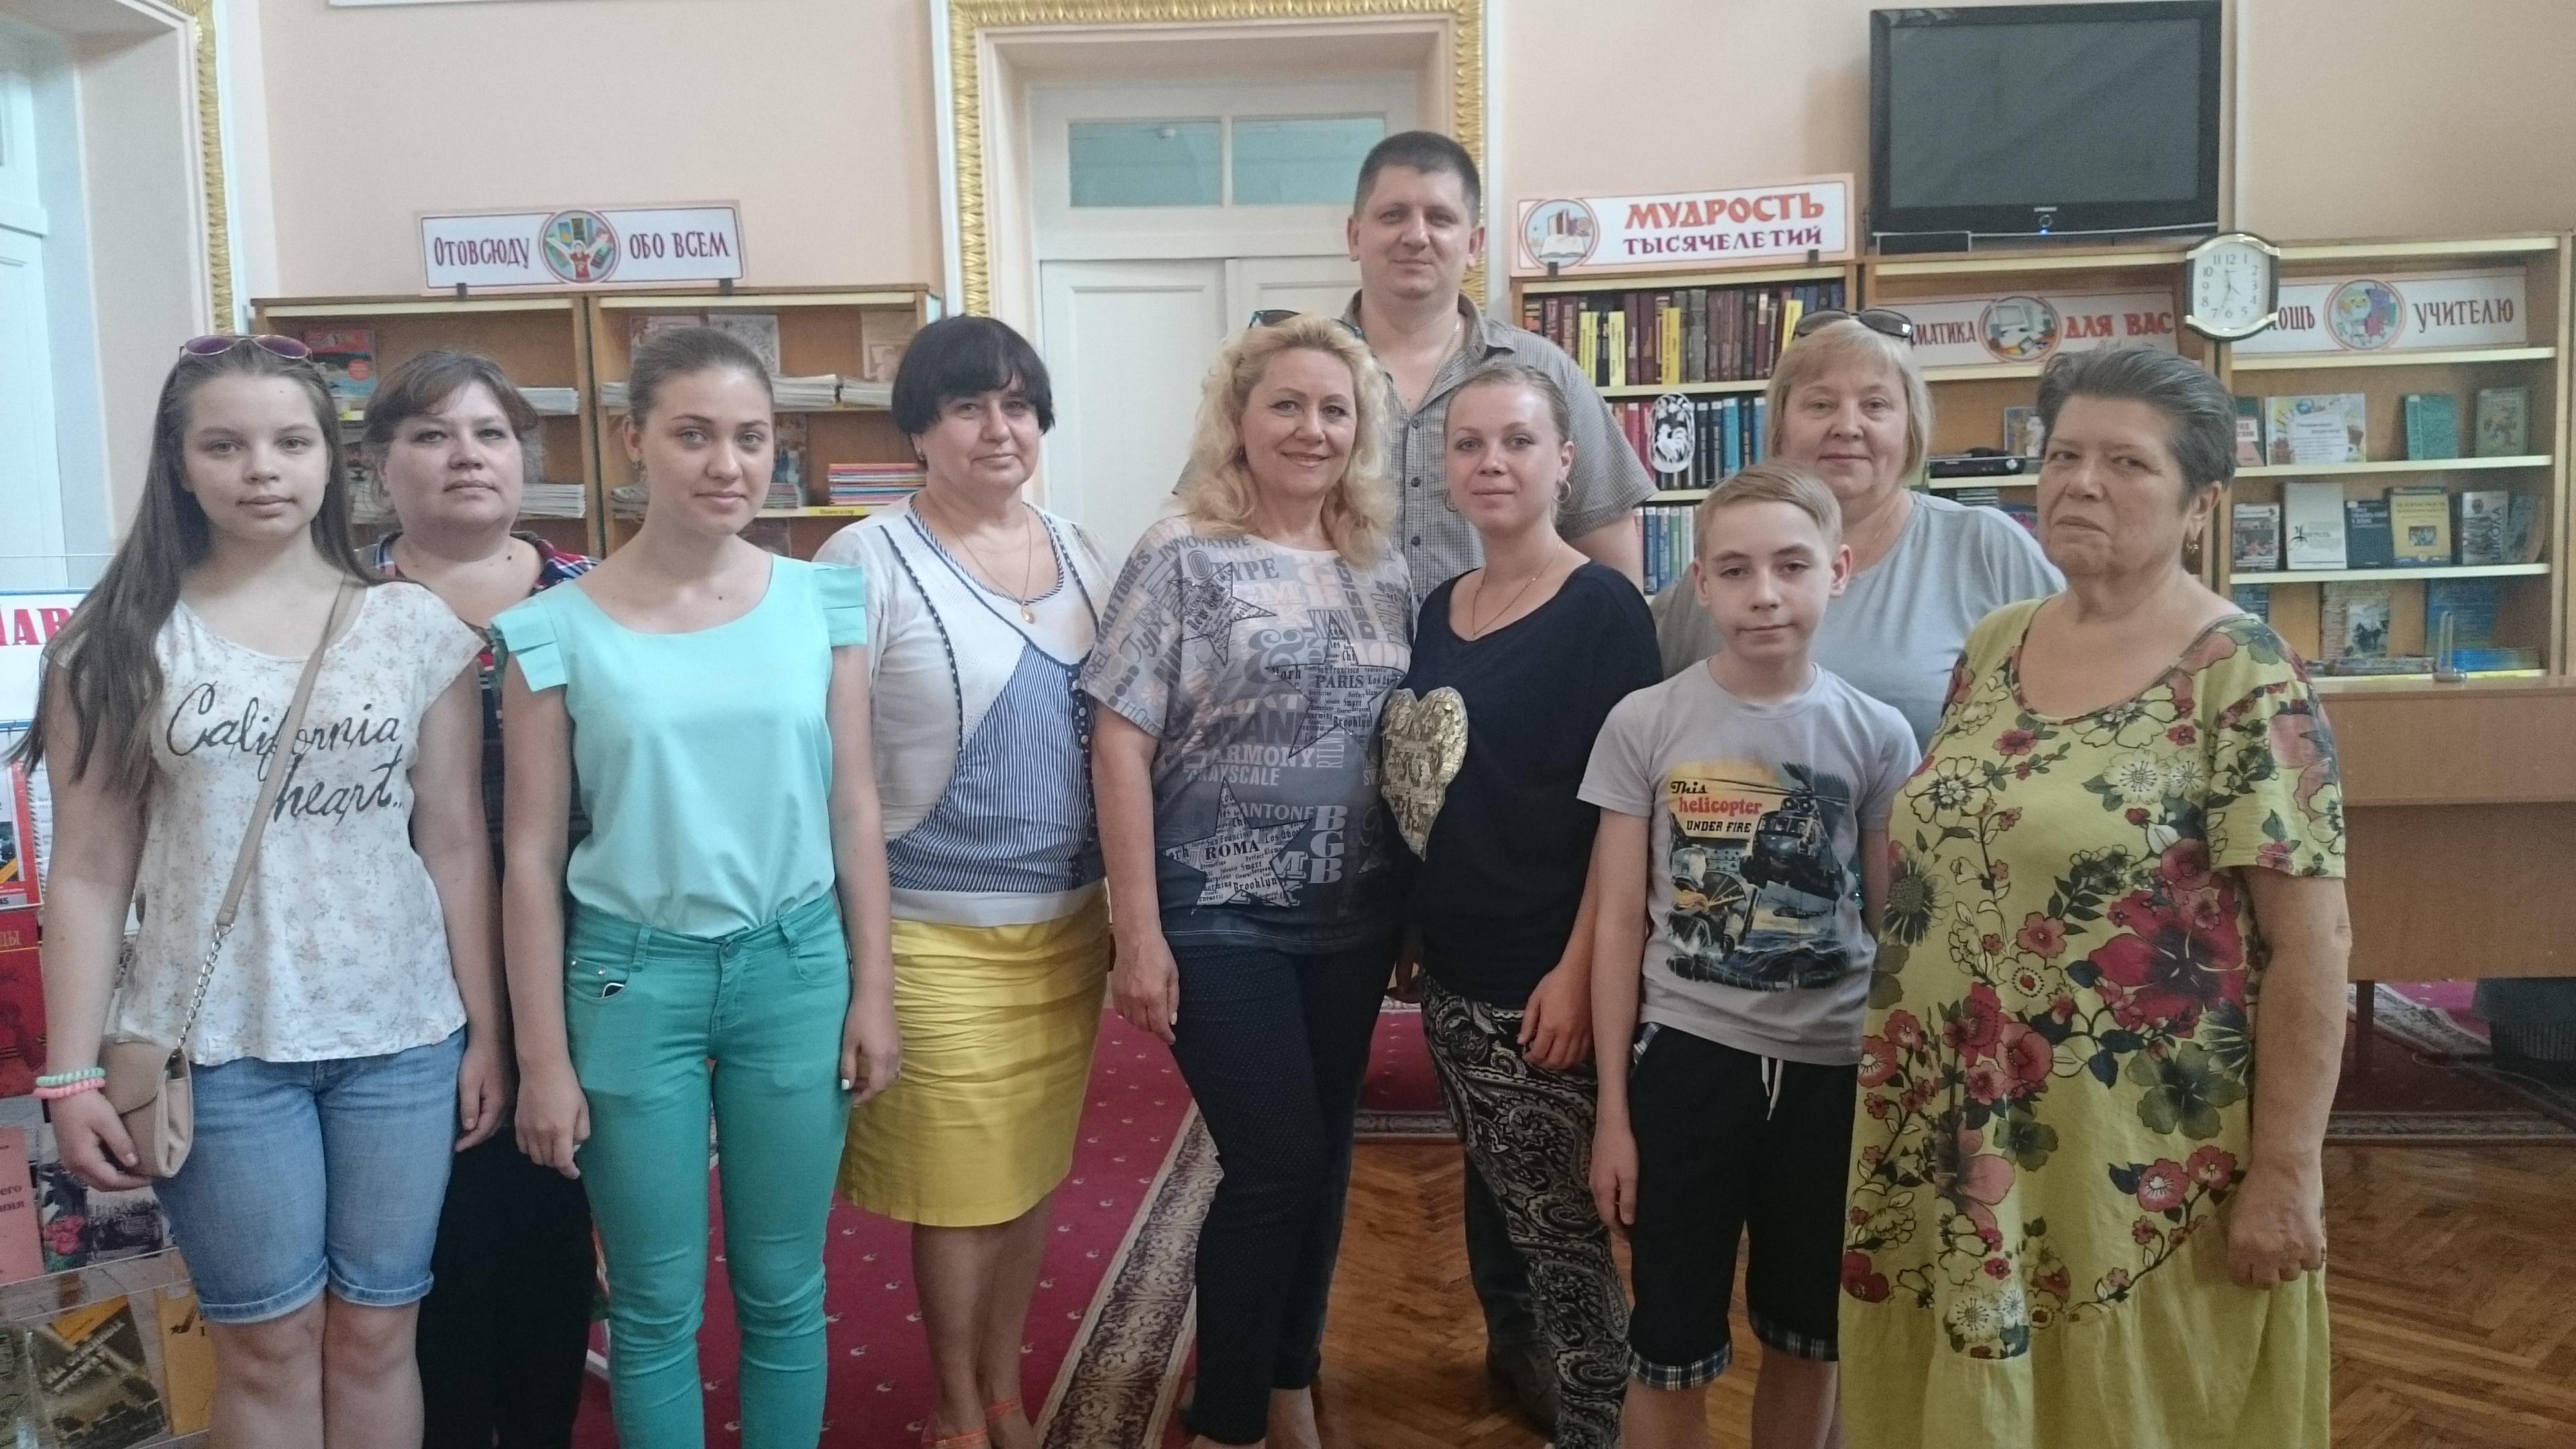 ирина горбань, мастер класс, донецкая республиканская библиотека для детей, писатели донбасса